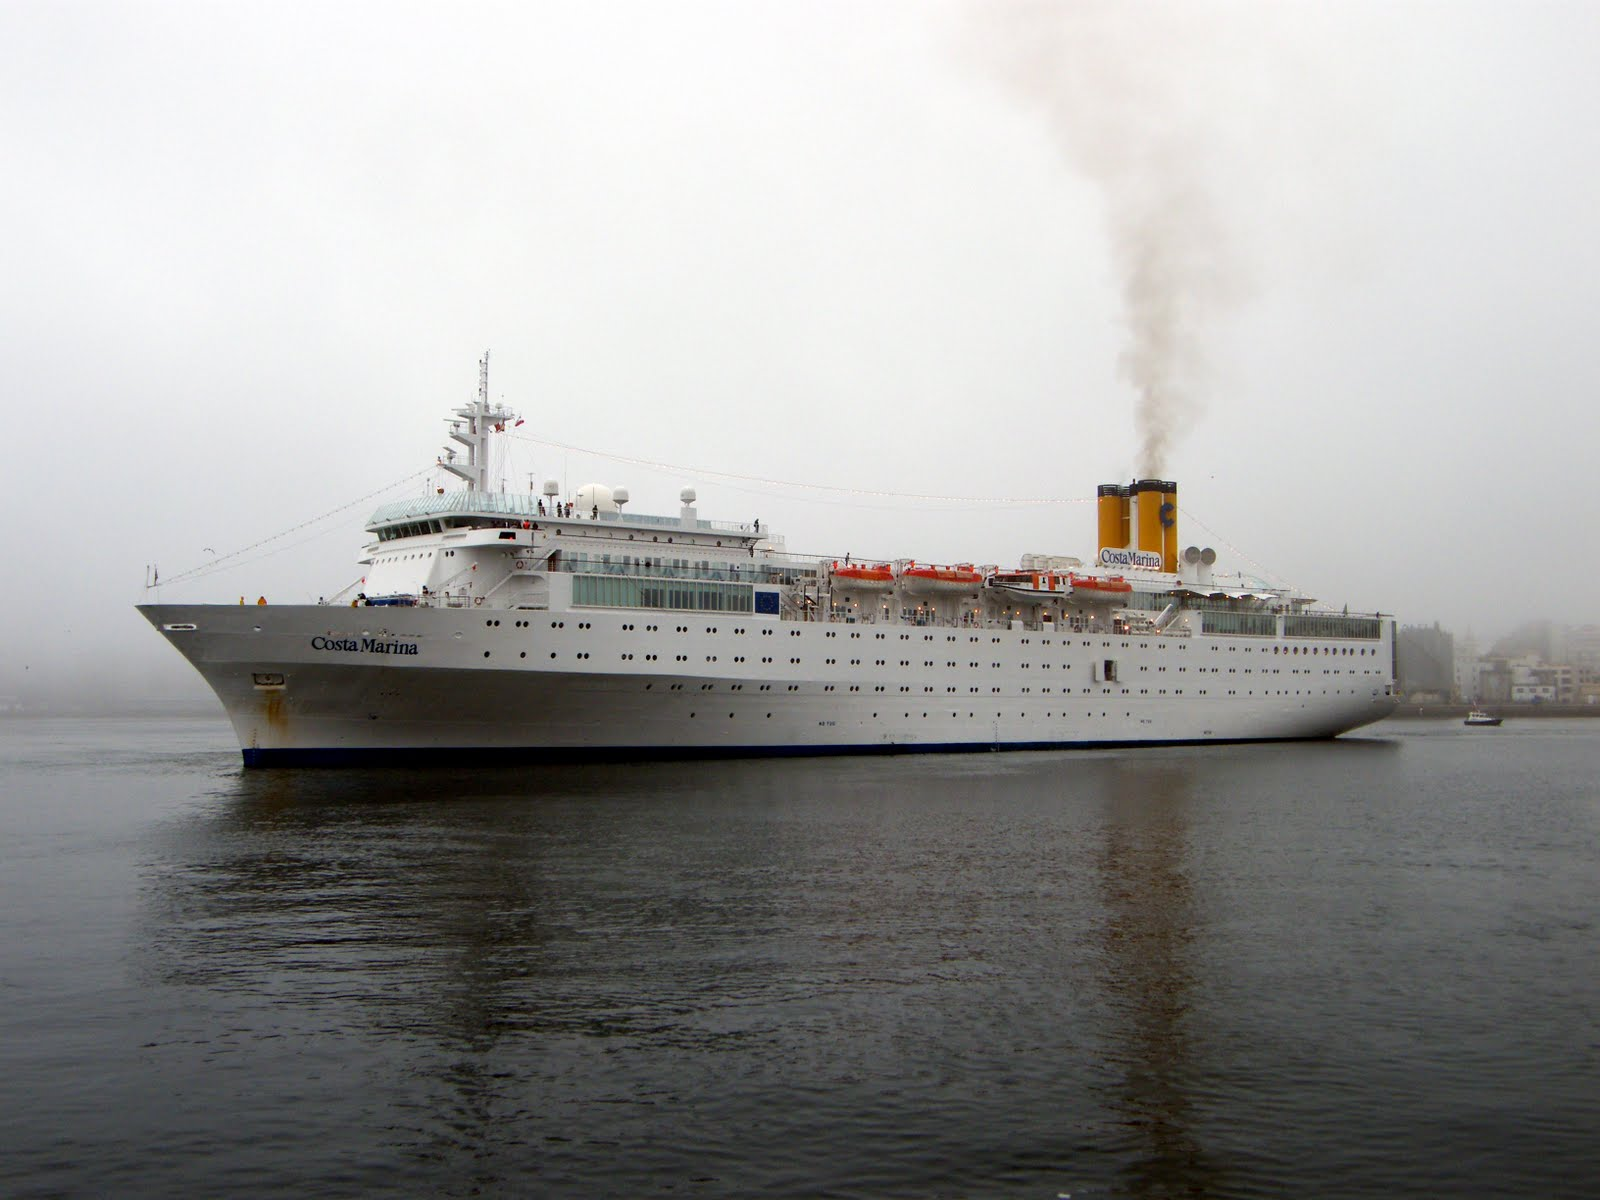 a853312d6 Precisamente hace tan sólo unas semanas Costa Cruceros hacía oficial que el  Costa Marina abandonará la flota italiana a finales de este año sin  determinar ...